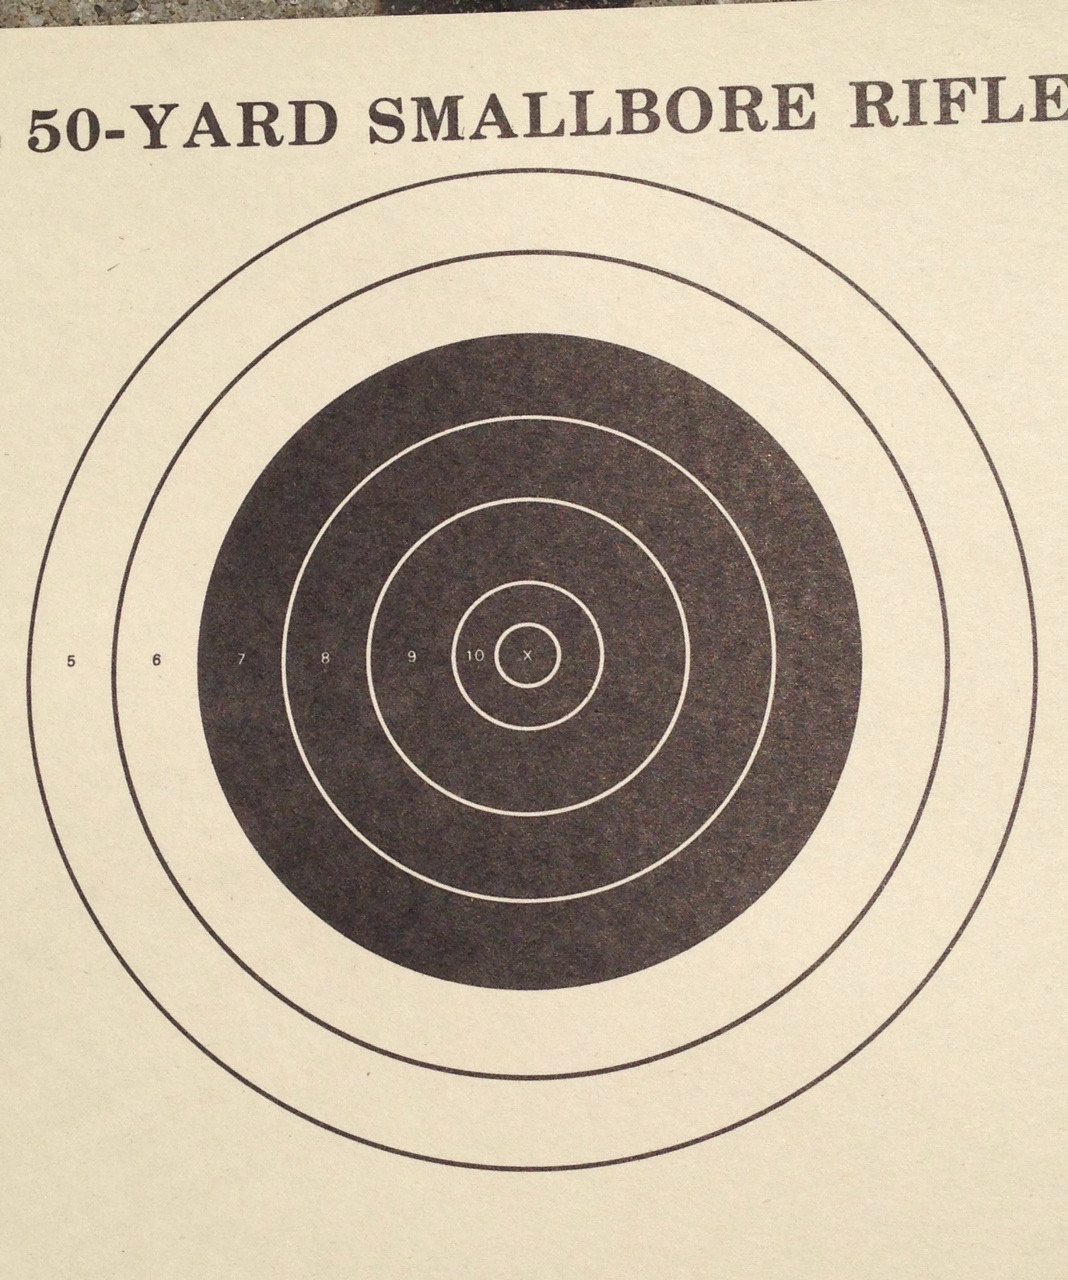 A-23/5 Shooting Target